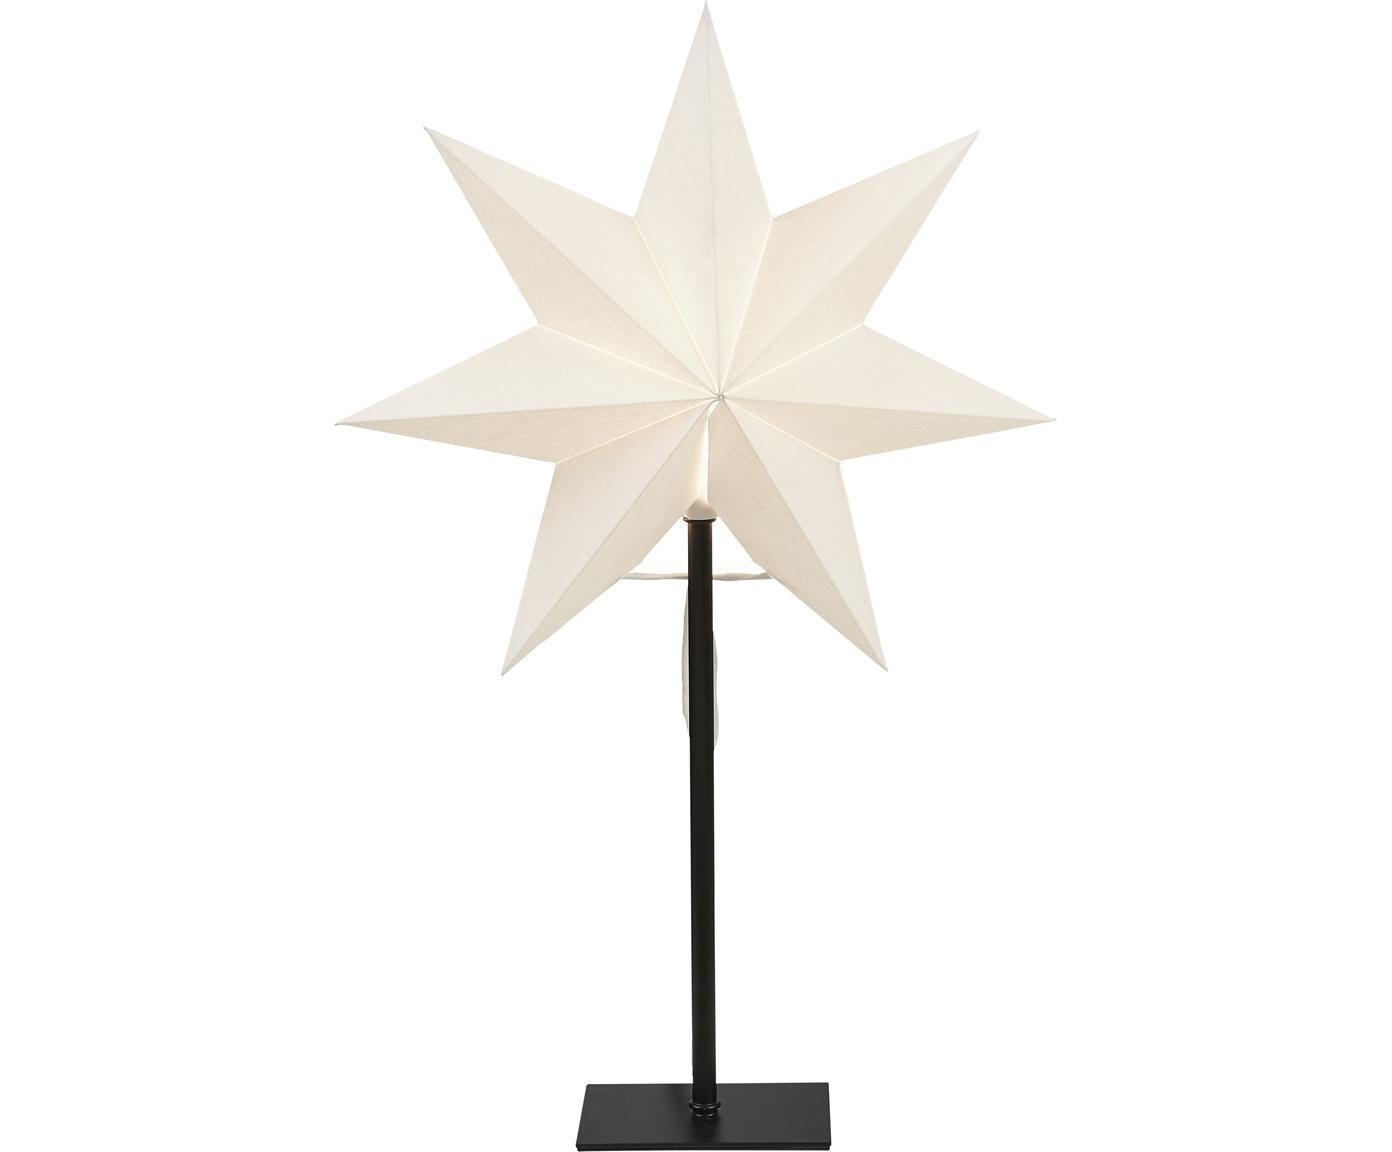 Lichtobject Frozen, met stekker, Lampenkap: papier, Lampvoet: gecoat metaal, Wit, zwart, 34 x 55 cm